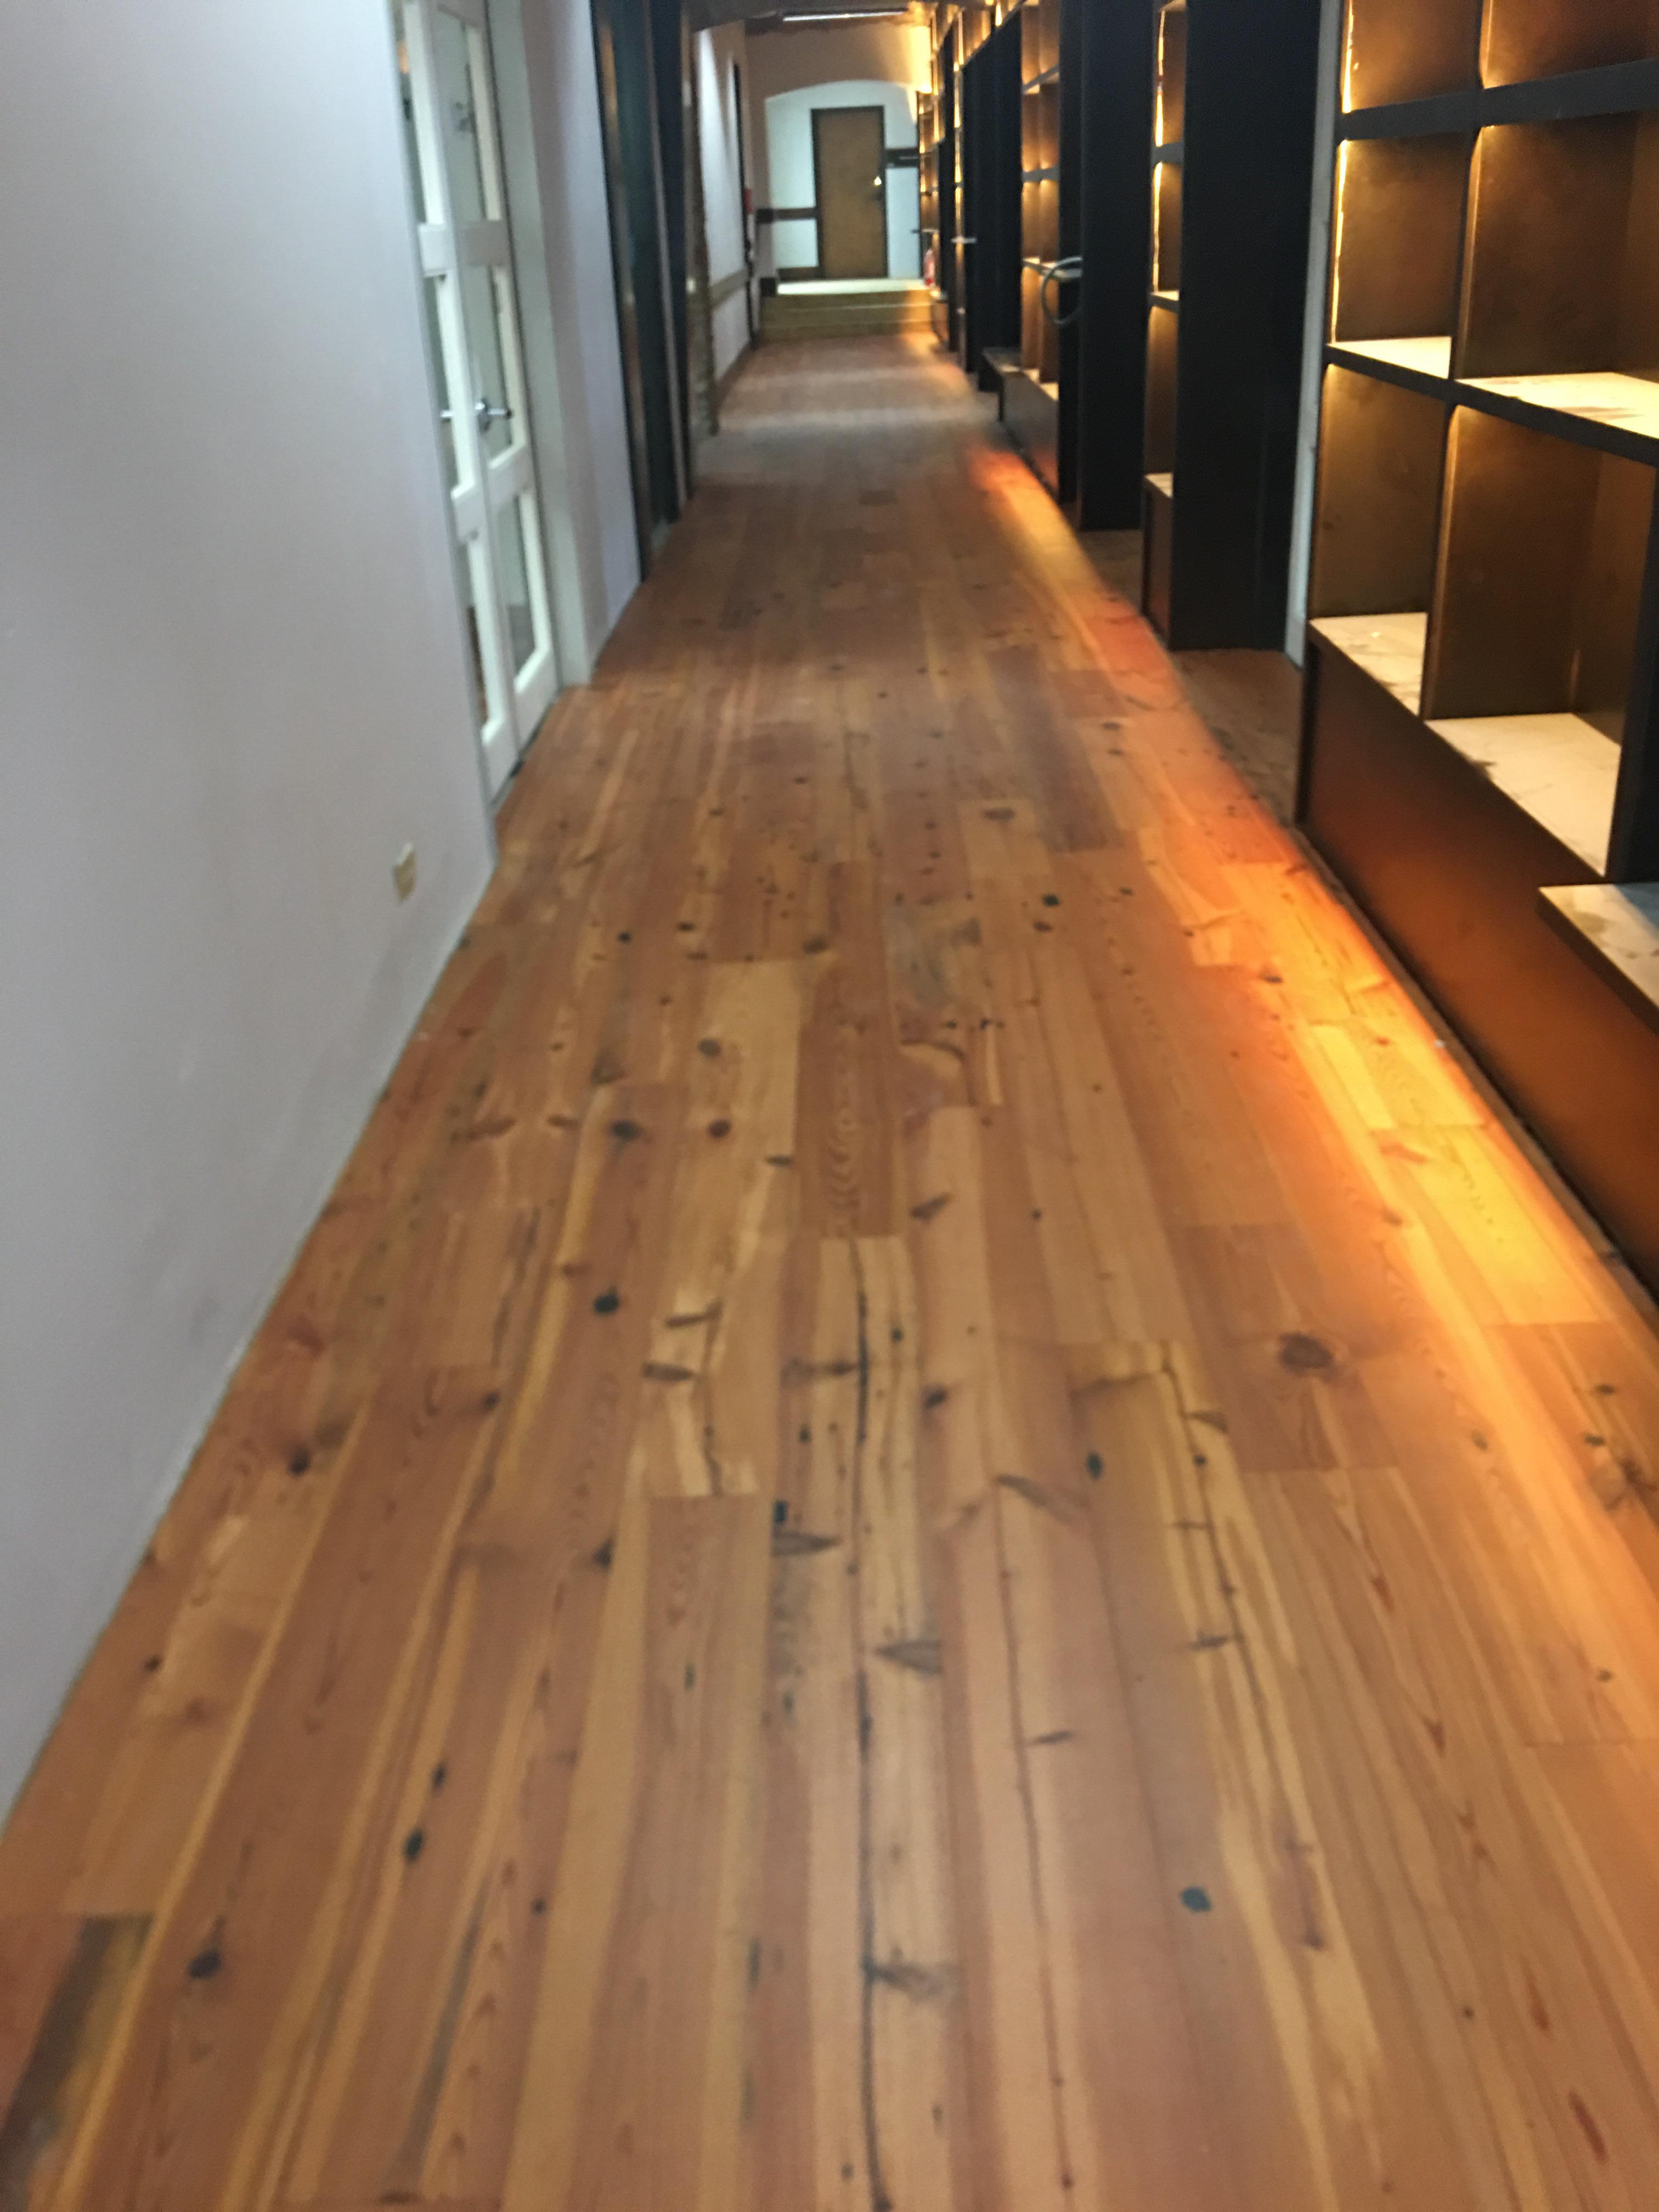 buckeye hardwood floor supply of darci uetrecht owner spirit trucking llc linkedin throughout darci uetrecht liked this